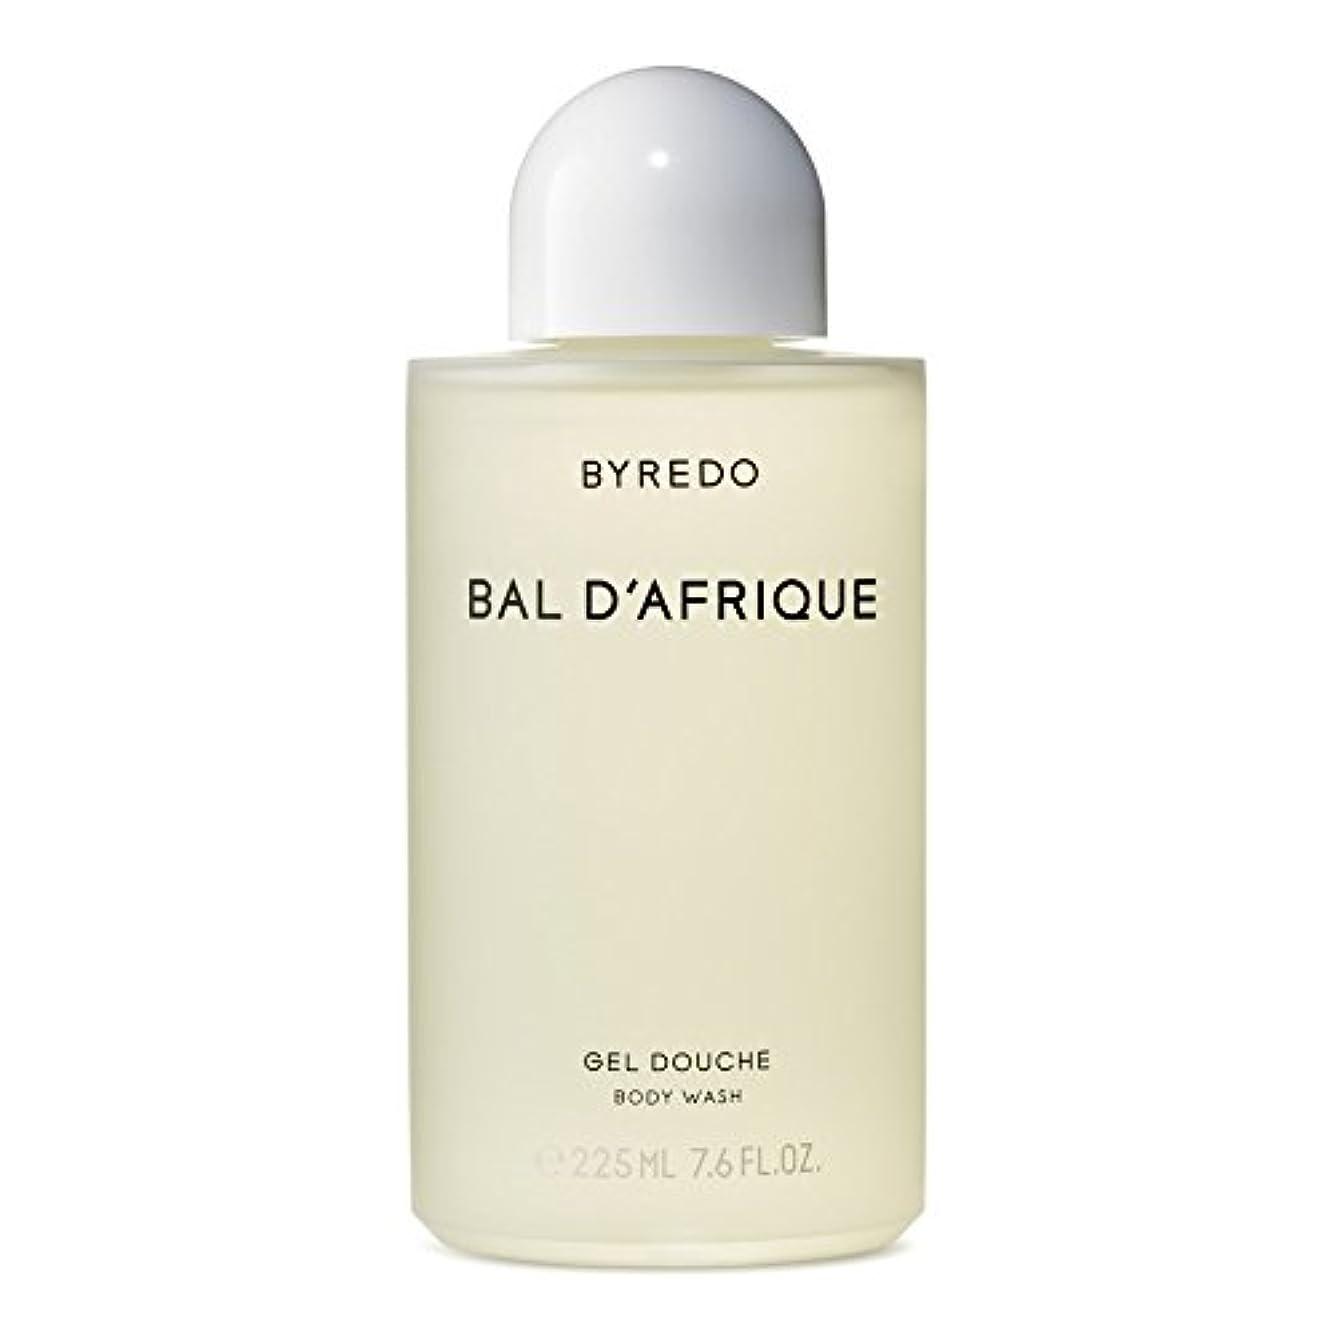 稚魚橋脚ドームByredo Bal d'Afrique Body Wash 225ml (Pack of 6) - 'のボディウォッシュ225ミリリットル x6 [並行輸入品]